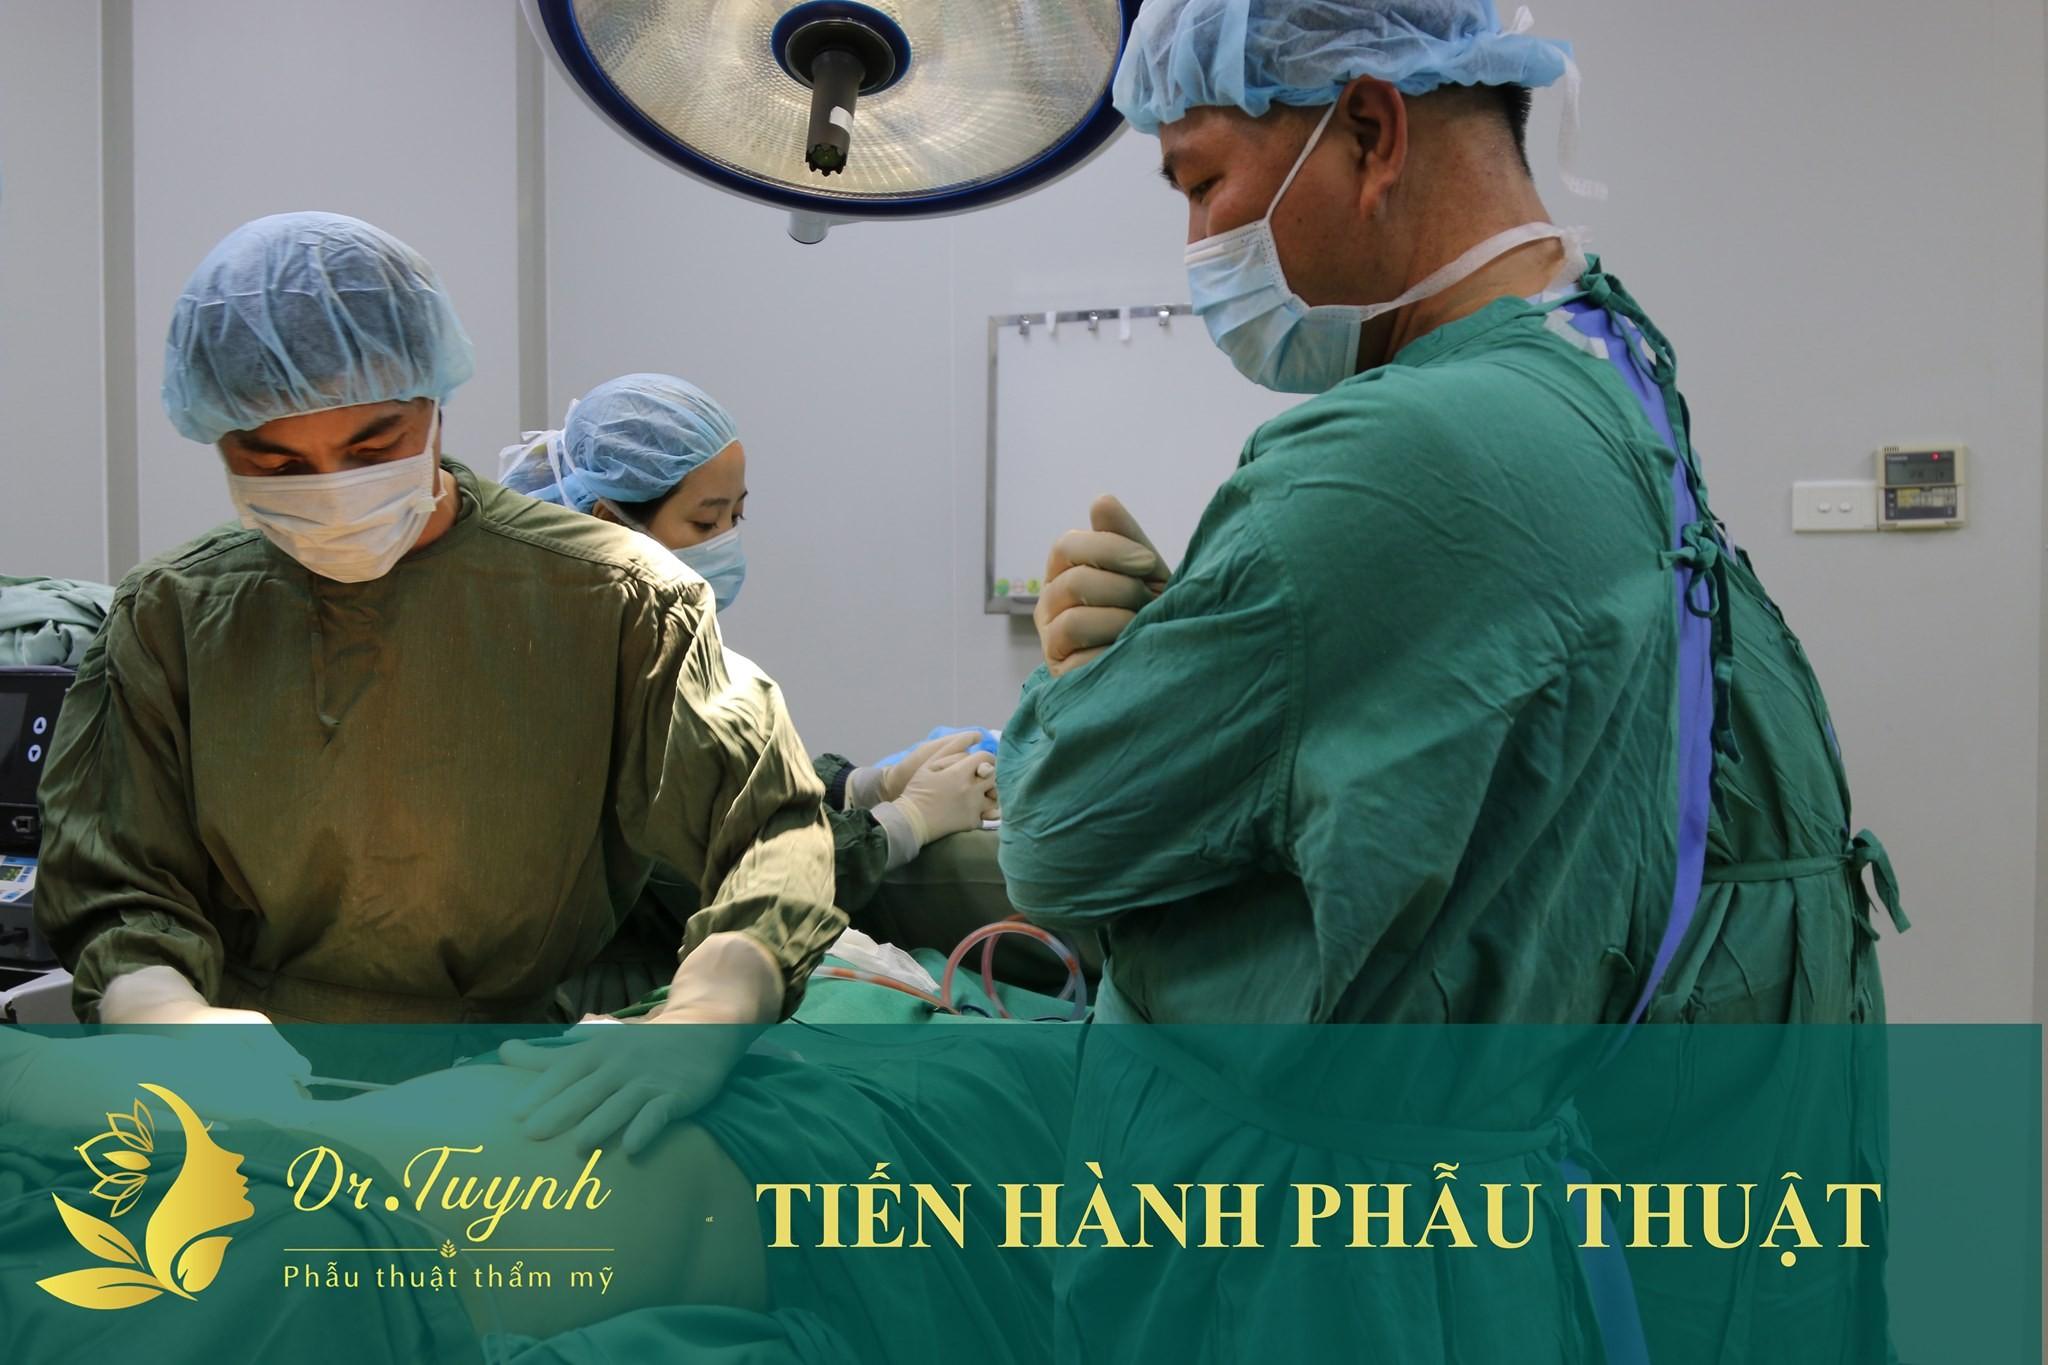 Bác sĩ Phan Tuynh cùng kíp mổ trực tiếp tạo hình thành bụng cho khách hàng